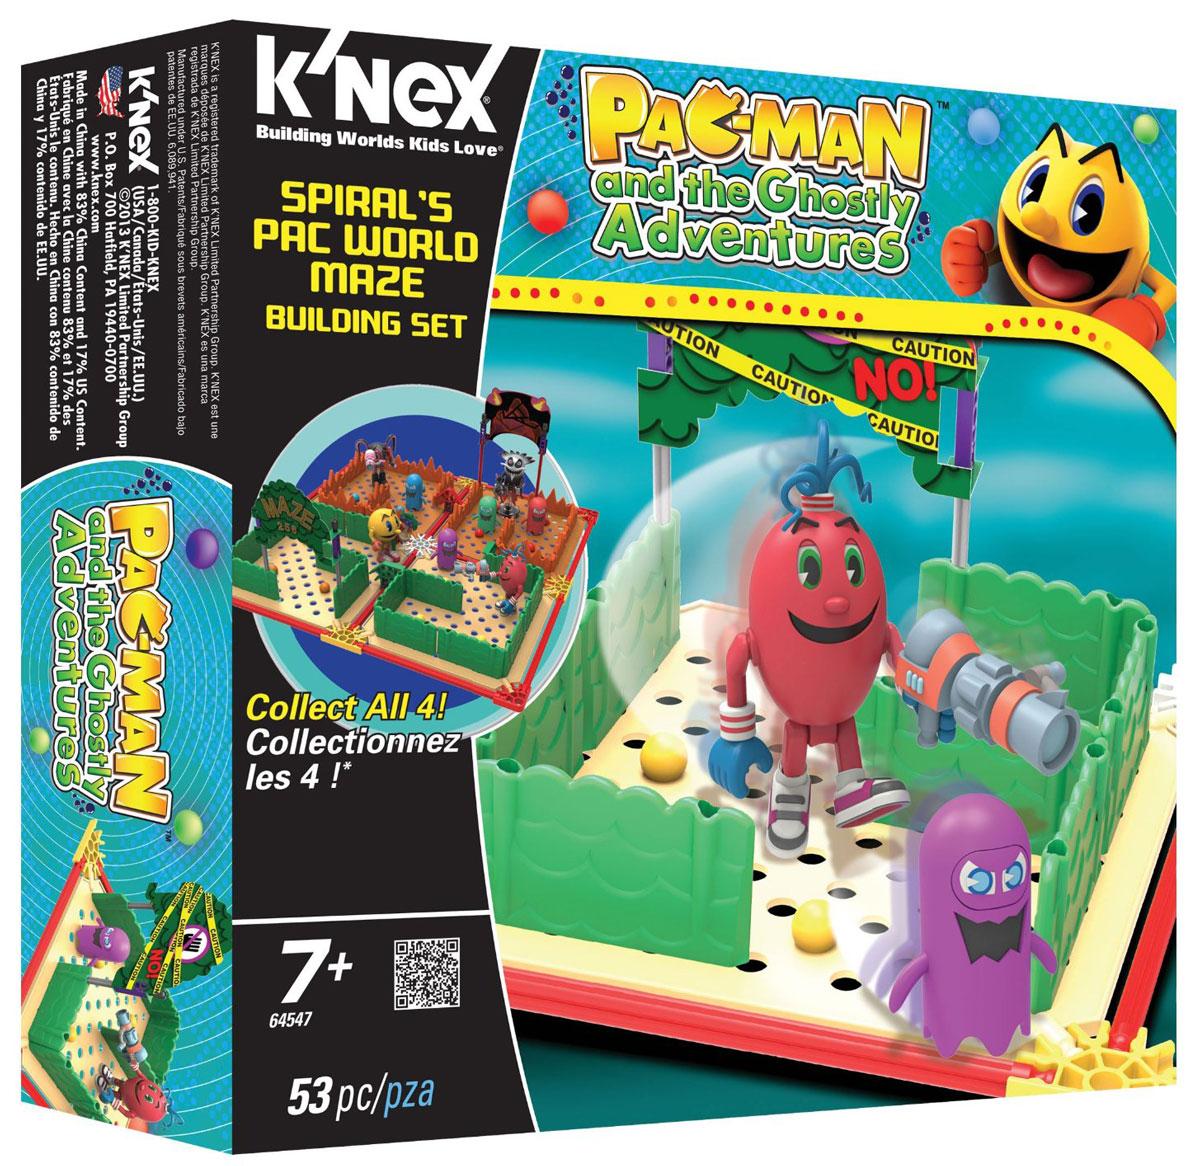 Knex Конструктор Spirals Pac World Maze64819/521/522/523/547Конструктор Knex Spirals Pac World Maze обязательно понравится вашему малышу. Из элементов конструктора можно построить лабиринт из мультфильма Pac Man and the Ghostly Adventures, после чего можно будет охотиться в нем на злых призраков. Чтобы играть было еще интереснее, можно собрать и объединить все четыре набора, чтобы создать гигантский лабиринт и воссоздать некоторые из самых удивительных батальных сцен мультфильма! Все элементы конструктора выполнены из прочного безопасного пластика. Игра с конструктором поможет развить конструкционное мышление. Также, обыгрывая с забавными человечками различные ситуации, малыш сможет развить логику, мелкую моторику ручек и тактильное восприятие. Порадуйте своего ребенка таким замечательным подарком!